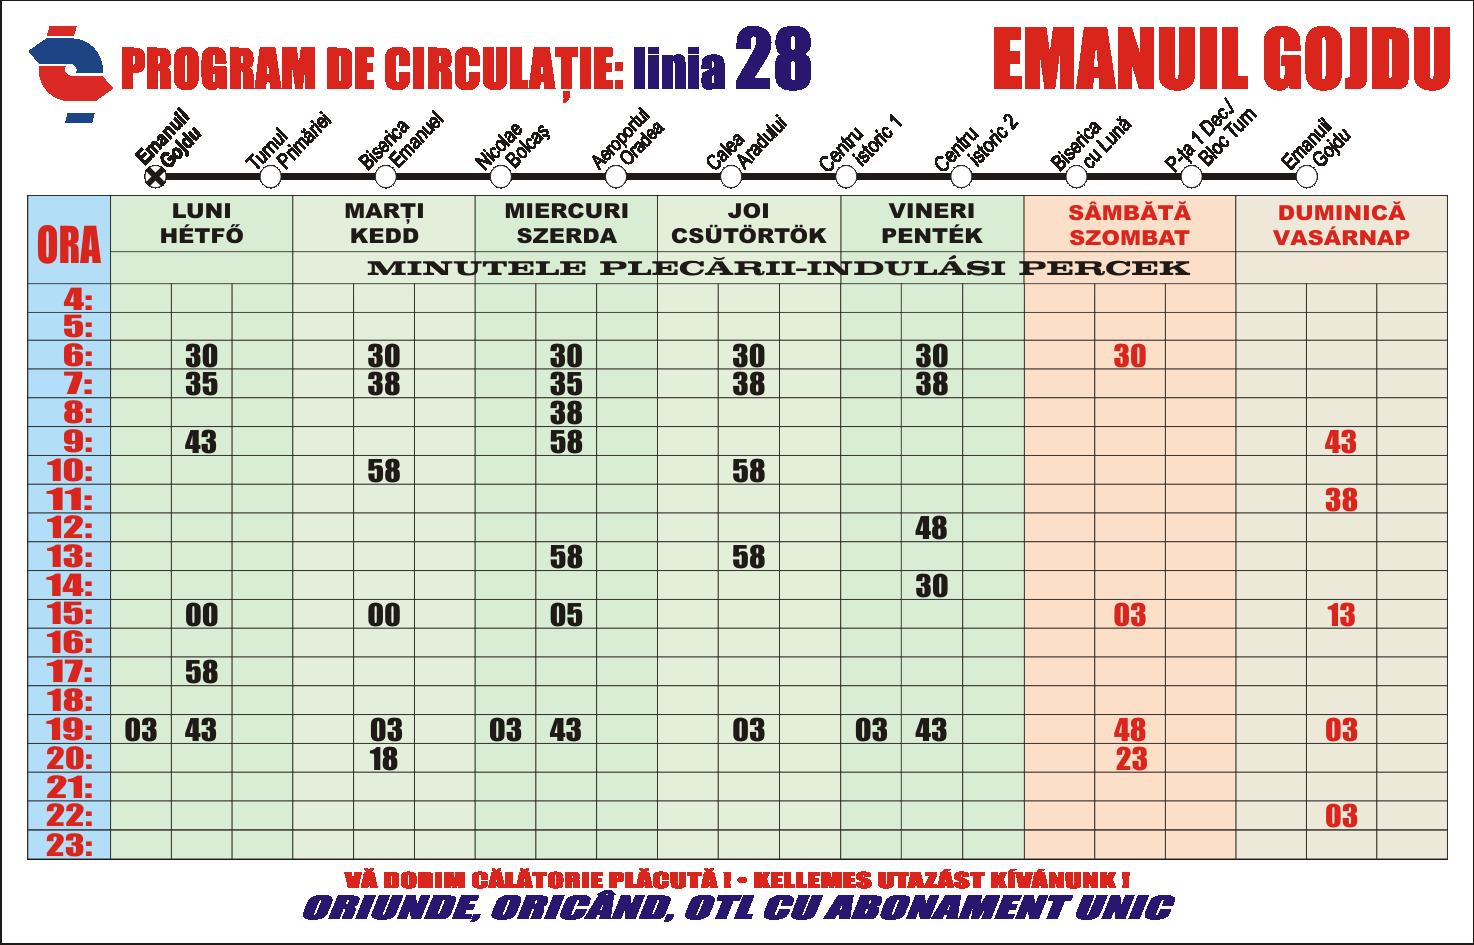 Program circulatie L 28 in statia Emanuil Gojdu